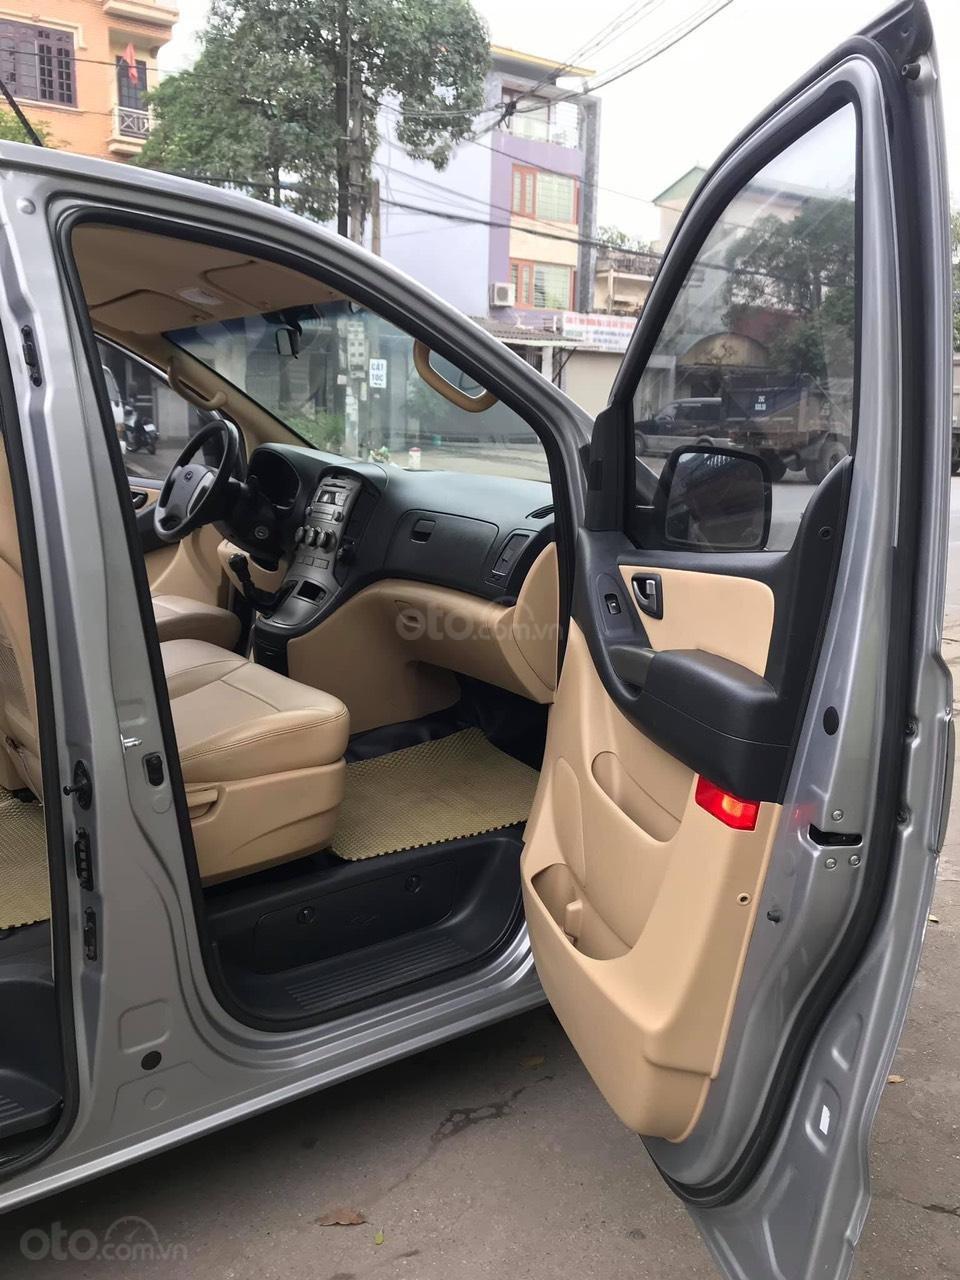 Bán xe 9 chỗ, máy dầu, số sàn hiệu Hyundai Starex, xe được nhập khẩu nguyên chiếc từ Hàn Quốc, đời 2014-10